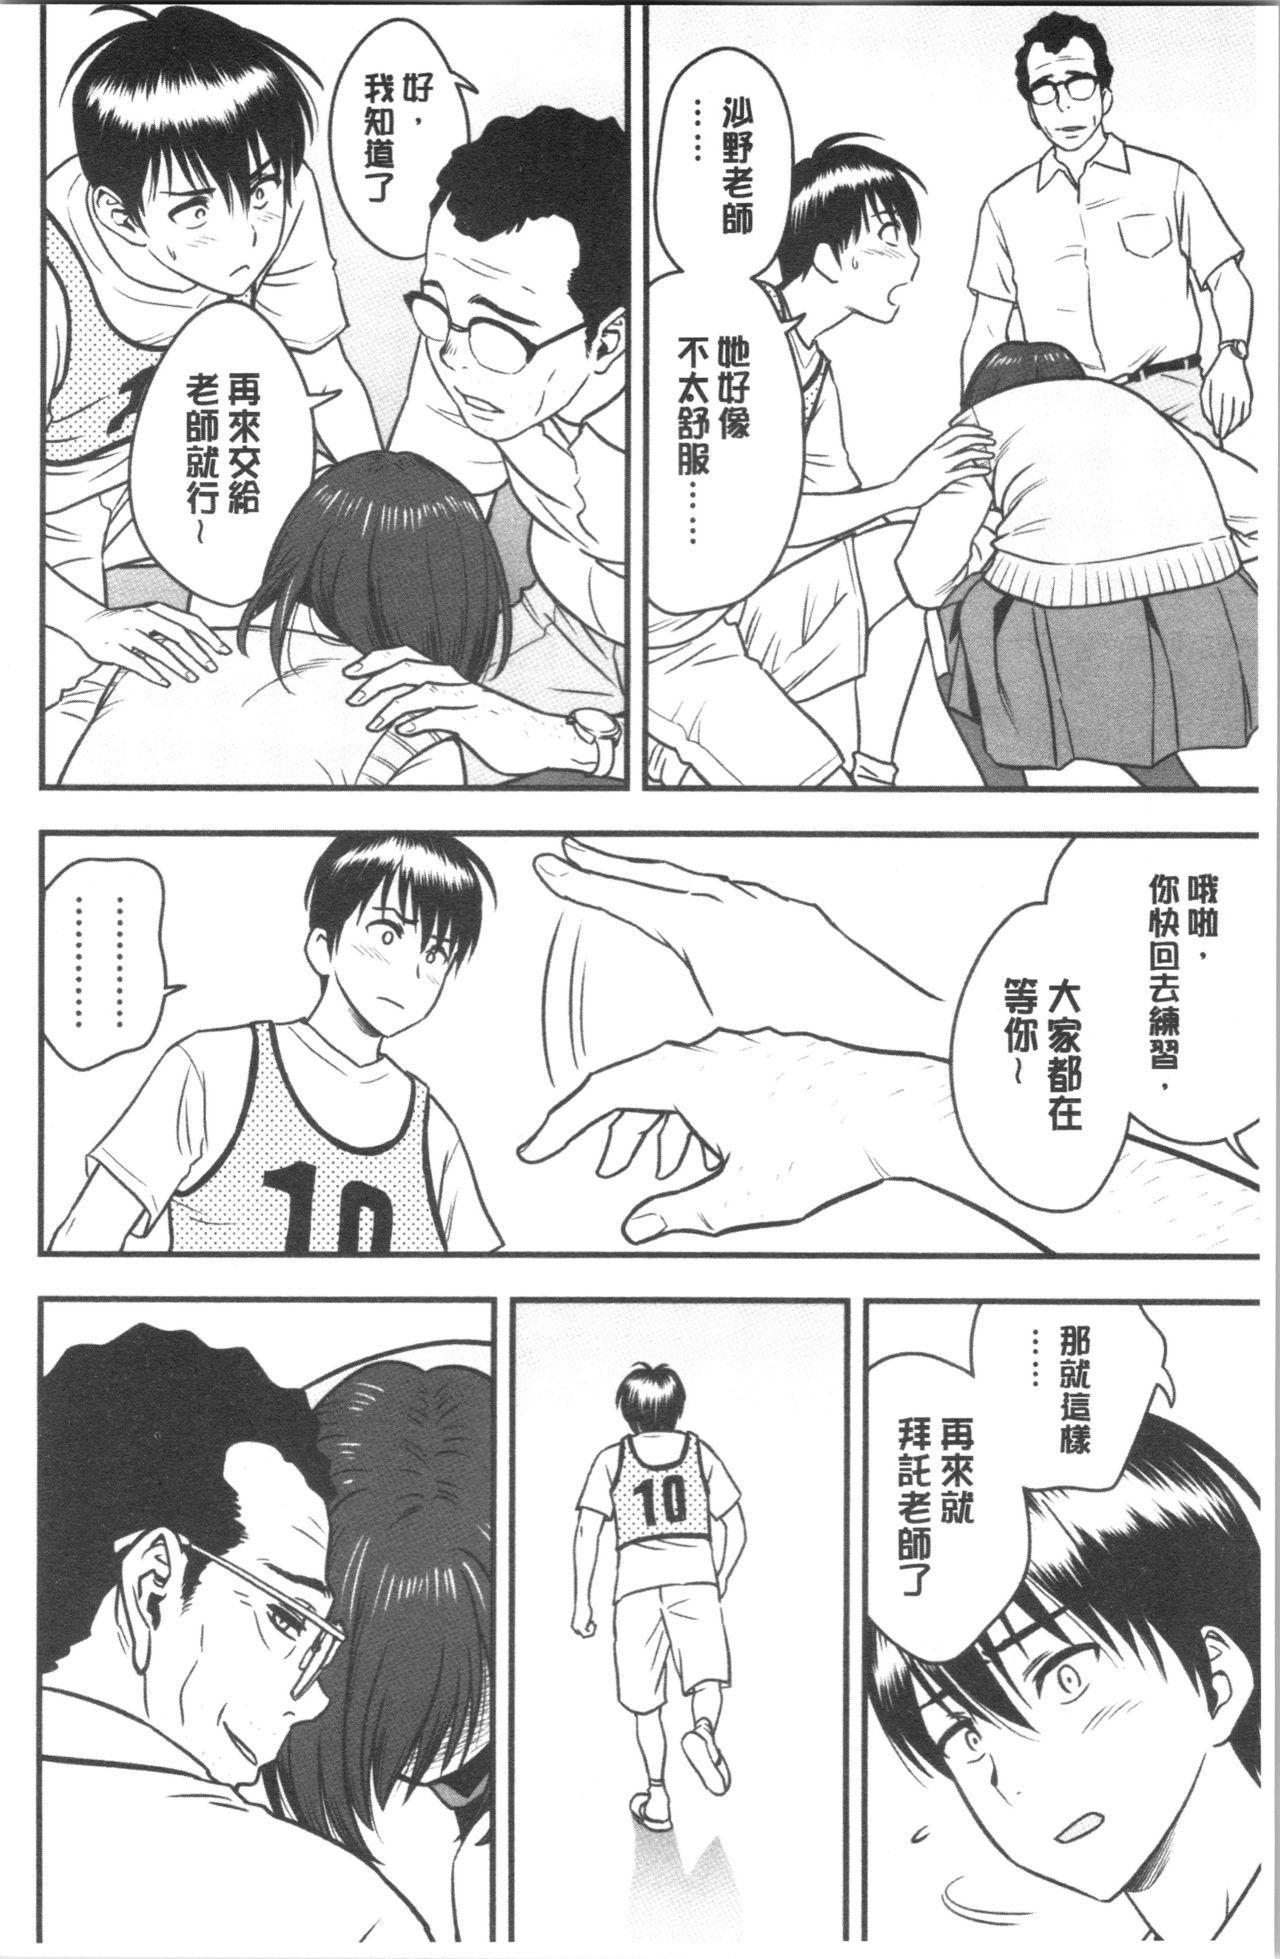 [Tatsunami Youtoku] Dankon Sousai -Hitozuma Kyoushi ga Netorareru made no Kiroku- | 男根想妻 -人妻女教師被寢取偷吃為止的記錄- [Chinese] 140